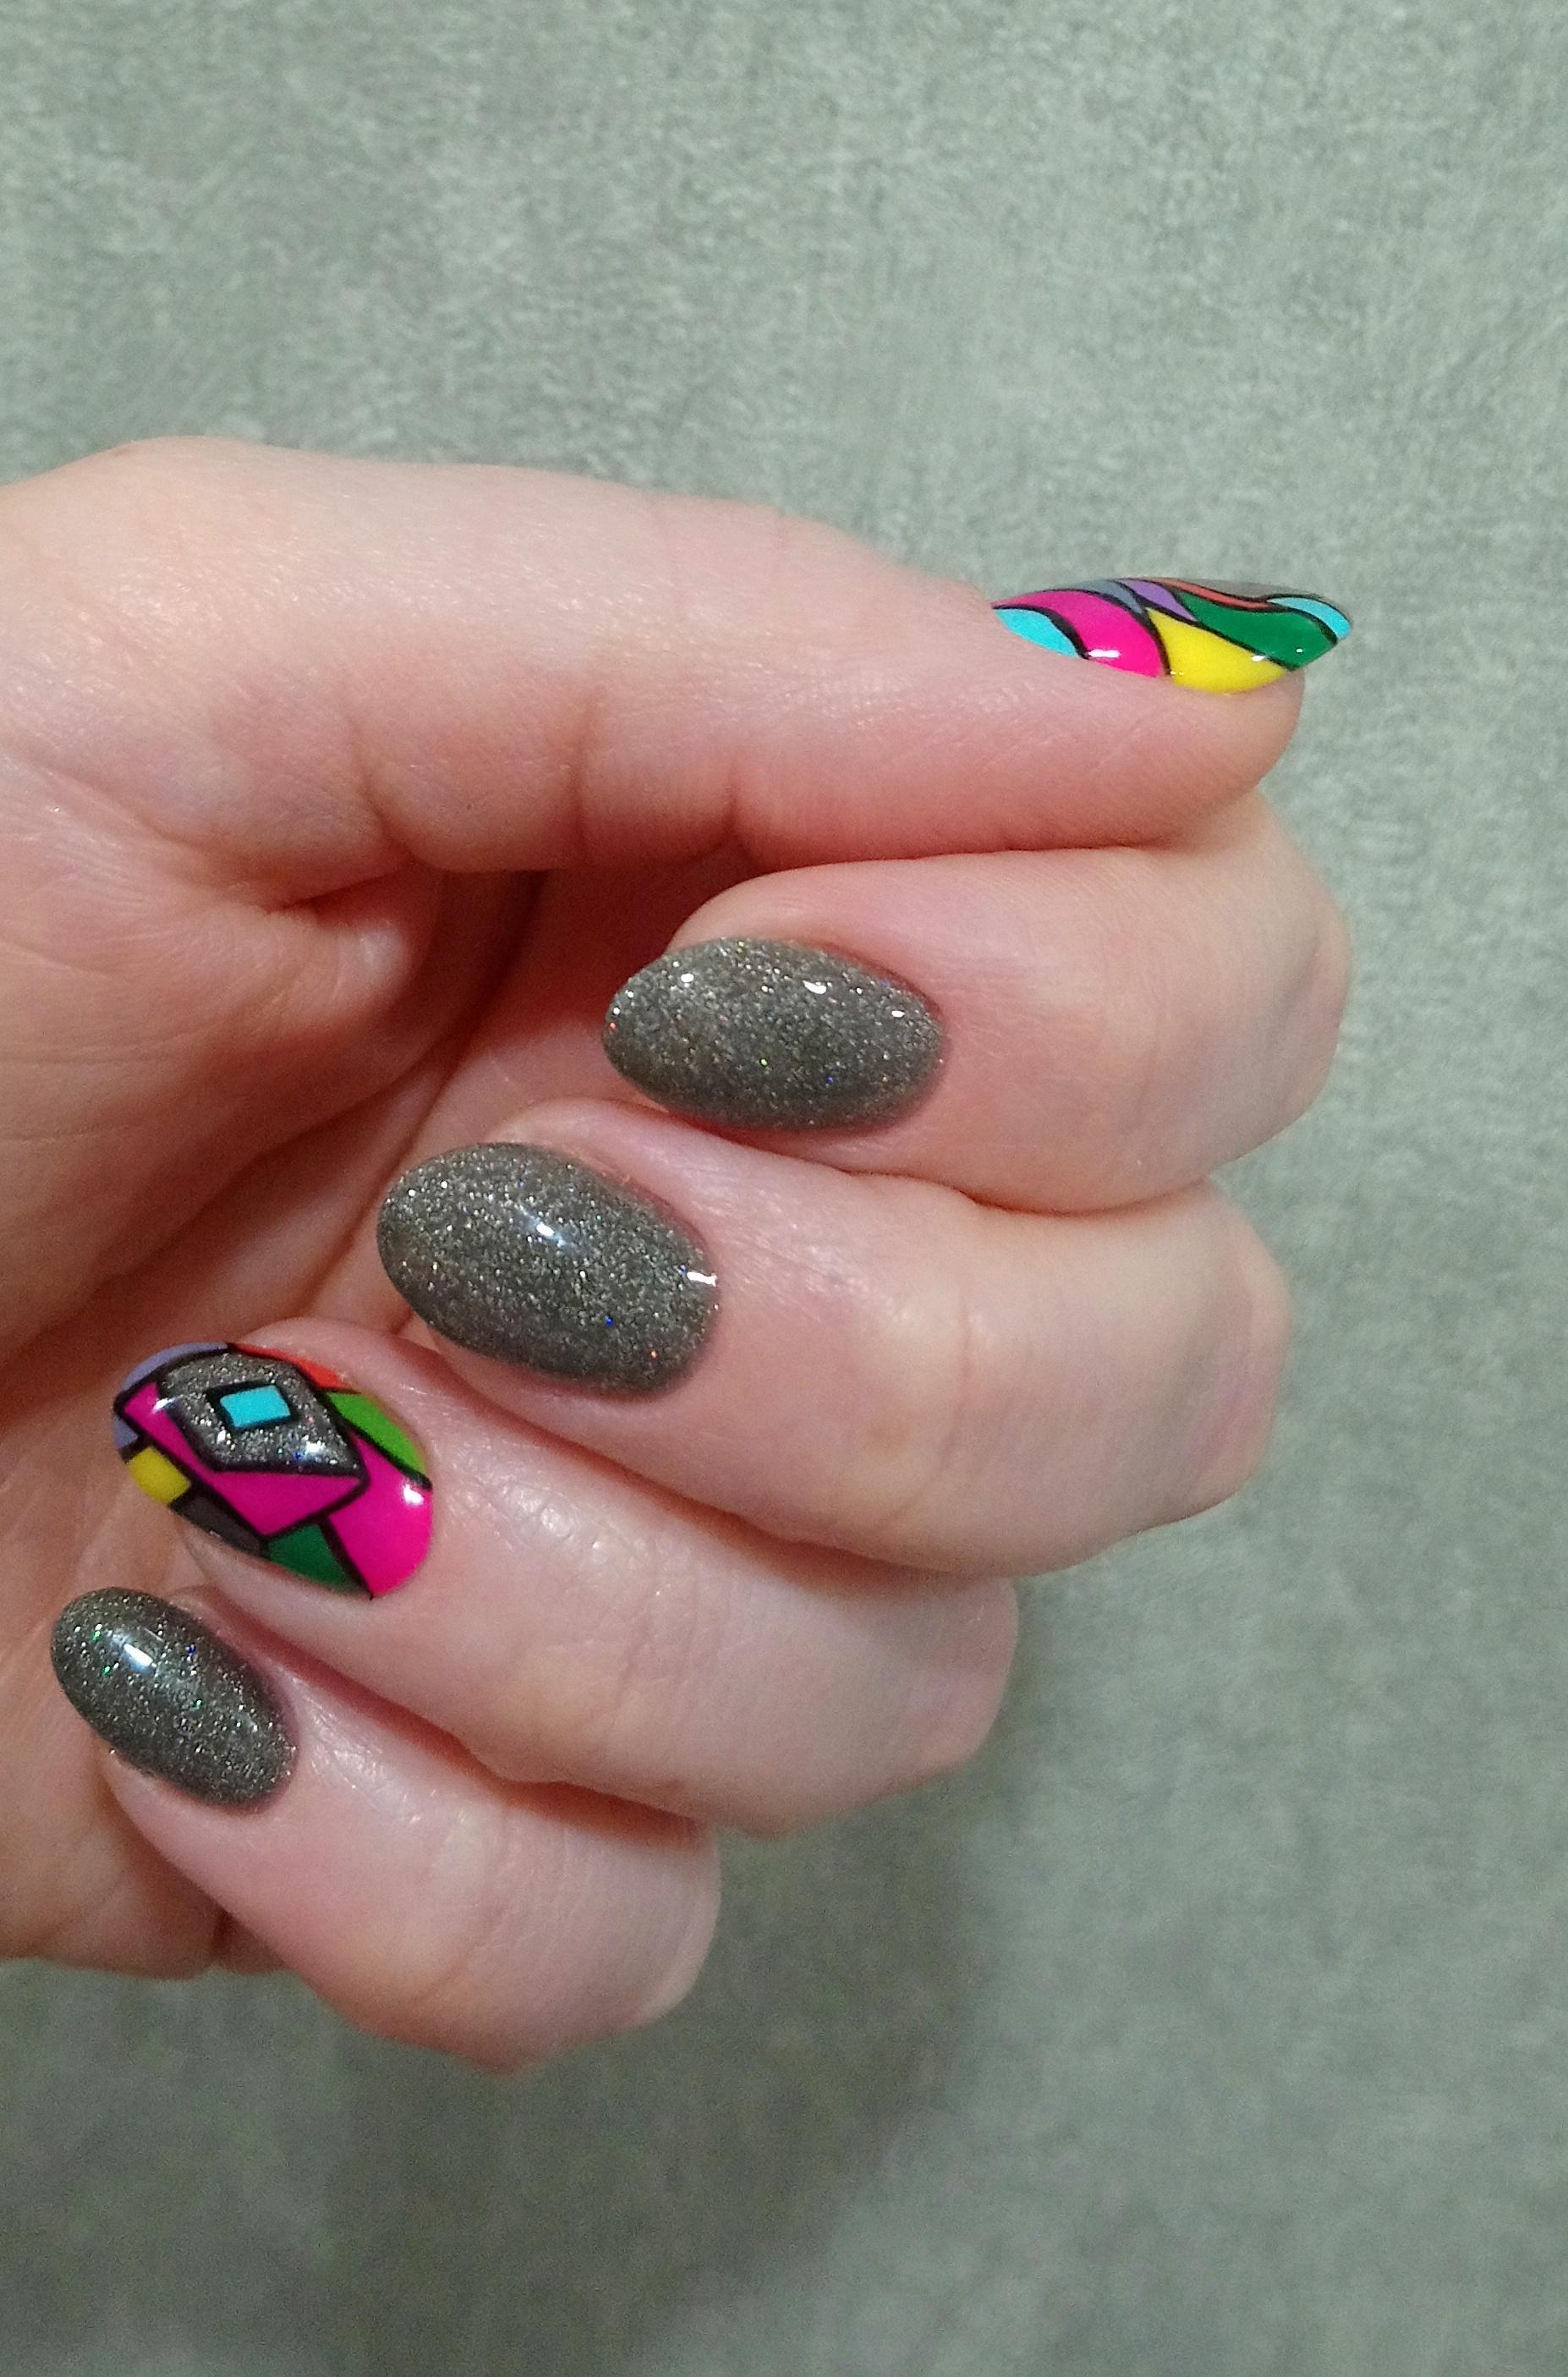 Серебряный маникюр с цветным абстрактным рисунком на короткие ногти.